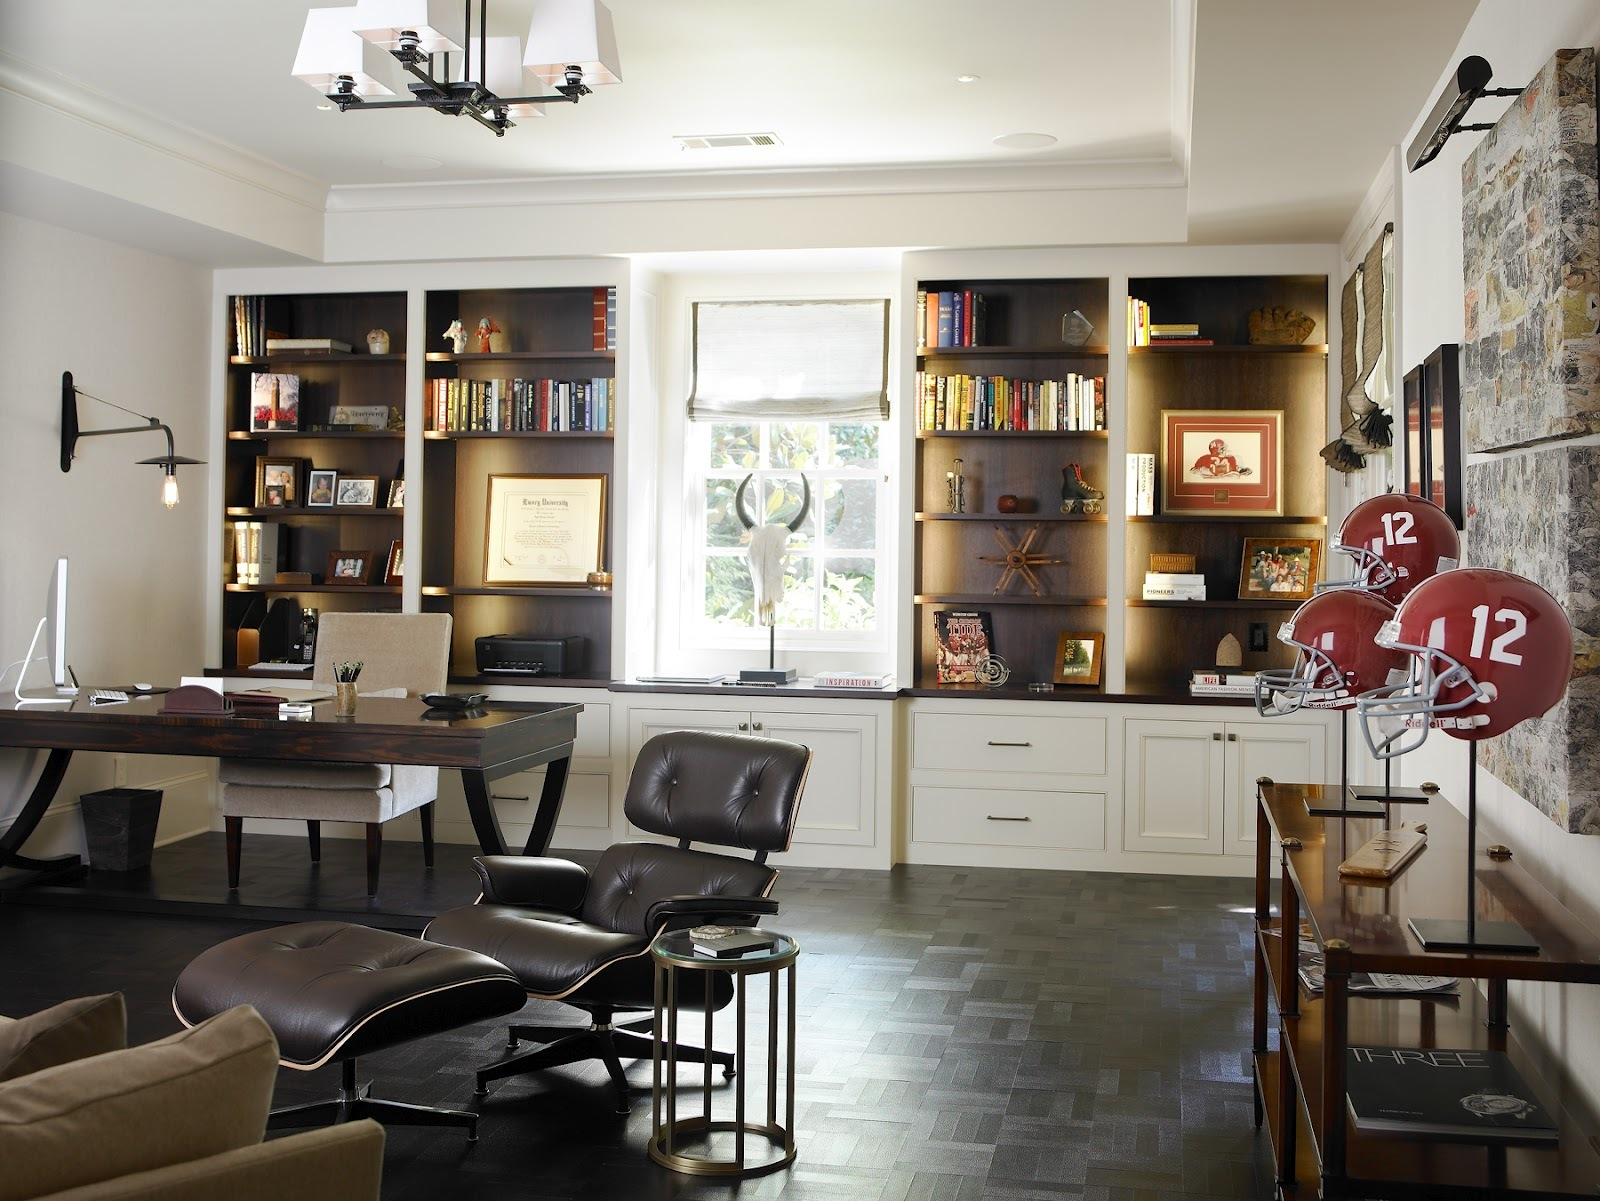 Мужской кабинет обычно практичен, выполнен в сдержанных тонах и обставлен прочной добротной мебелью